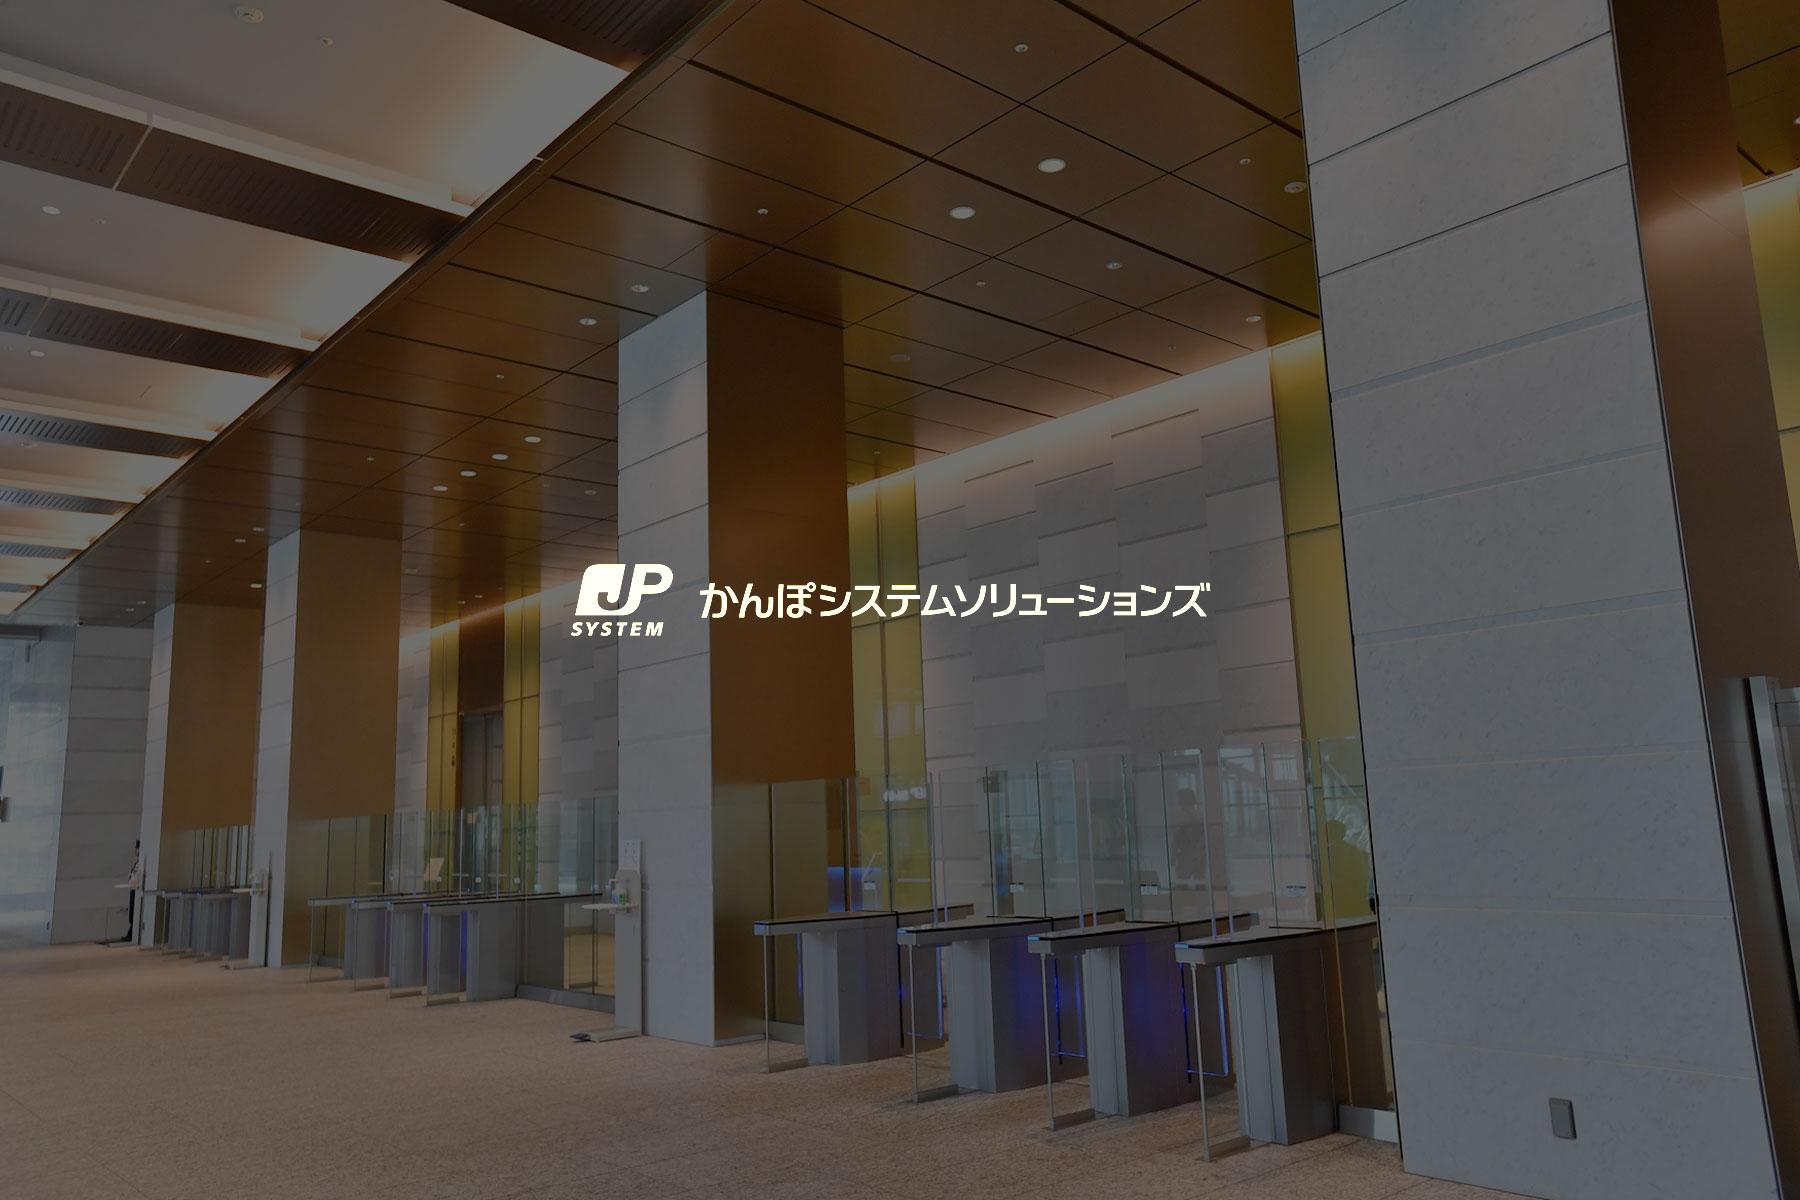 かんぽシステムソリューションズ株式会社のトップ画像